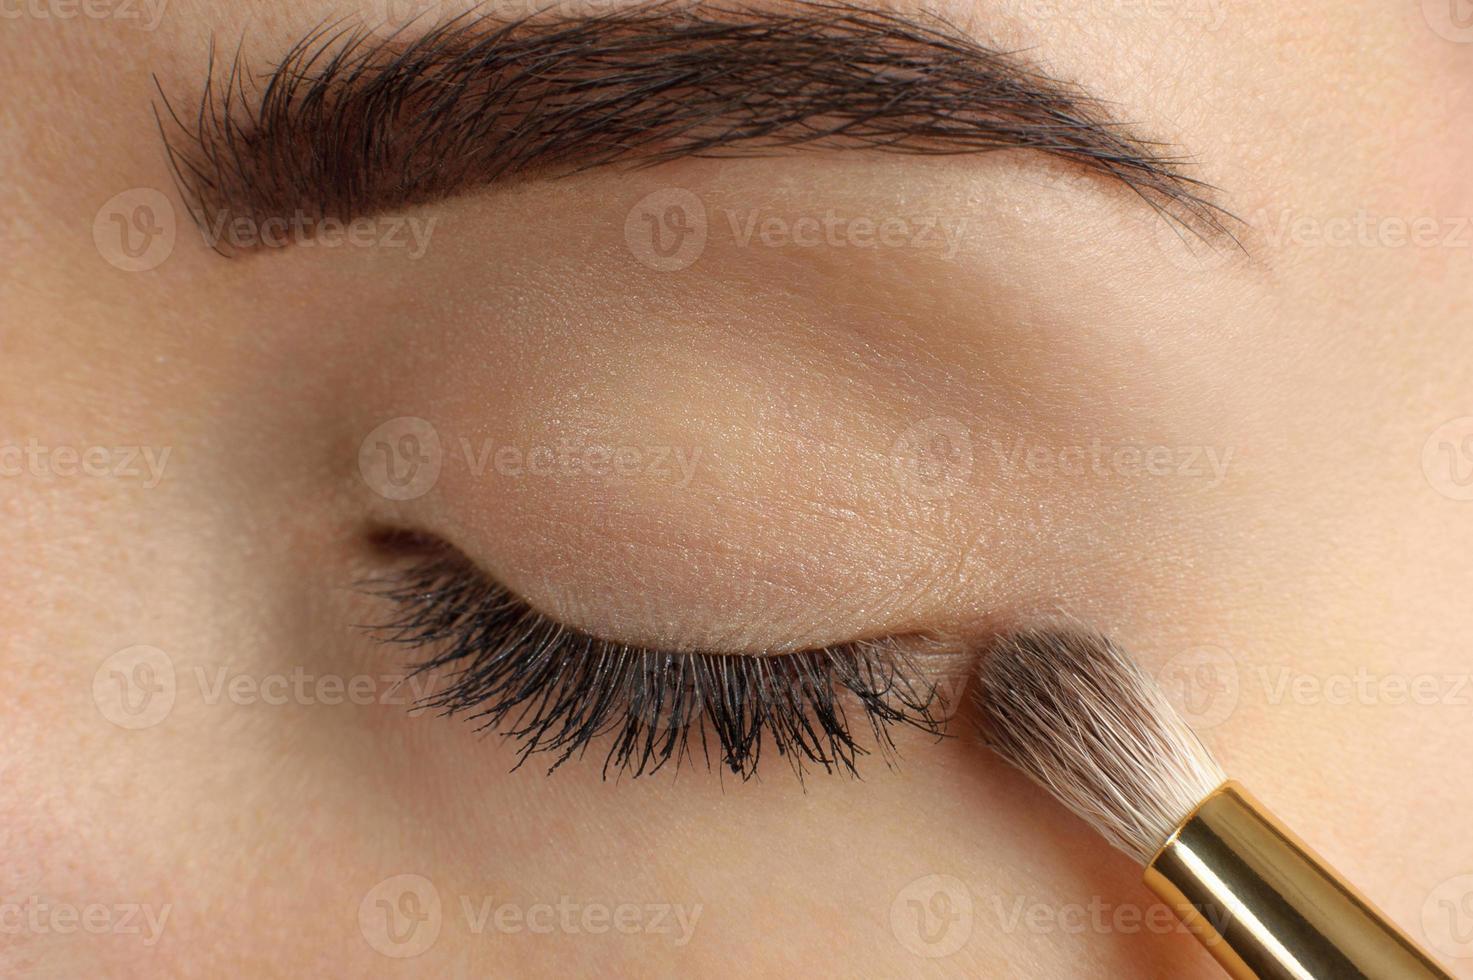 maquillage. maquillage des sourcils. photo